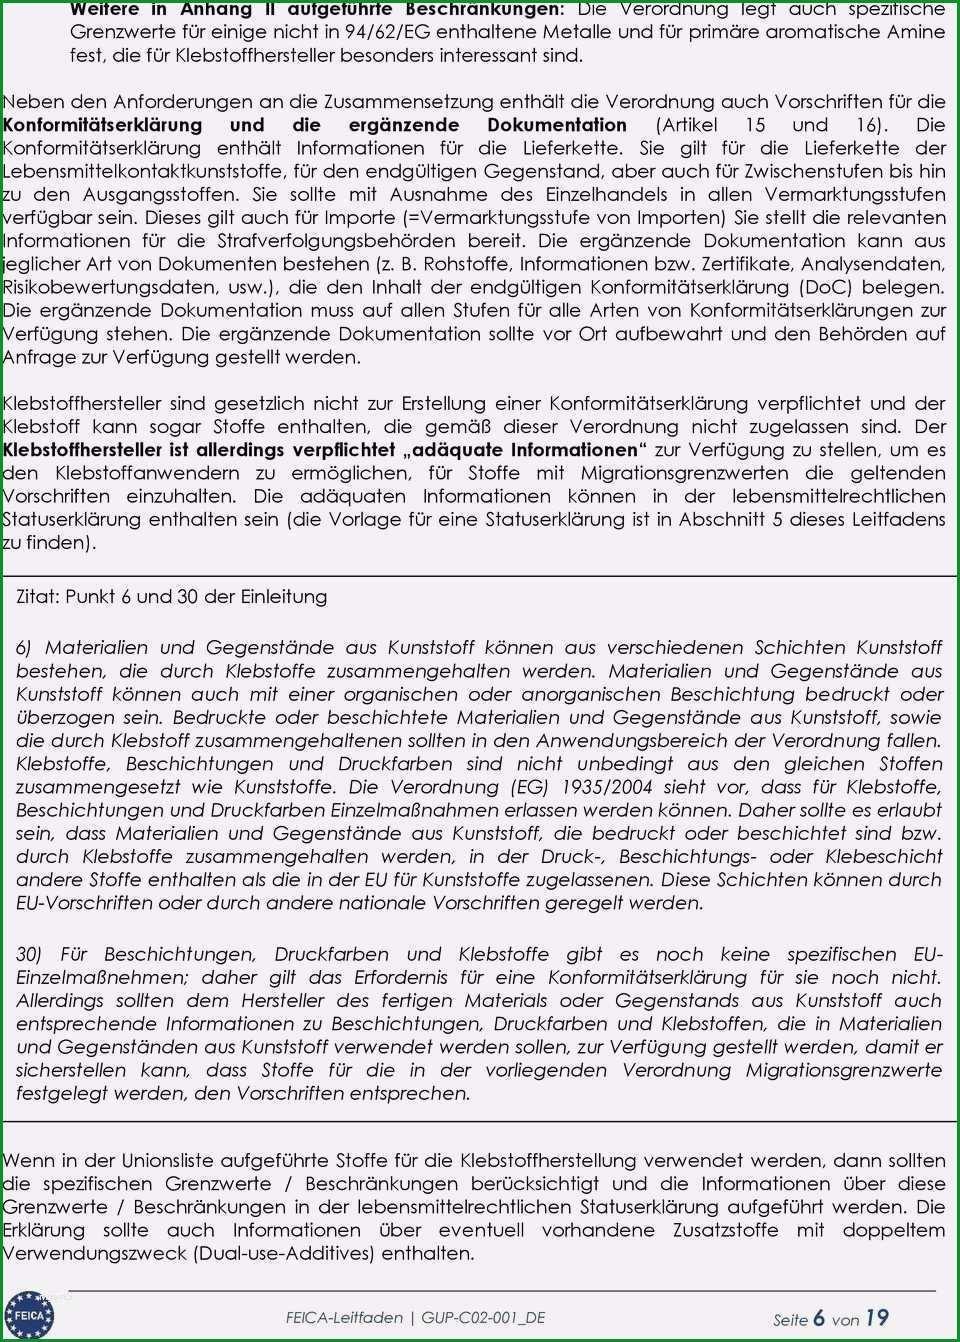 konformitatserklarung vorlage pdf elegant leitfaden fur eine lebensmittelrechtliche statuserklarung